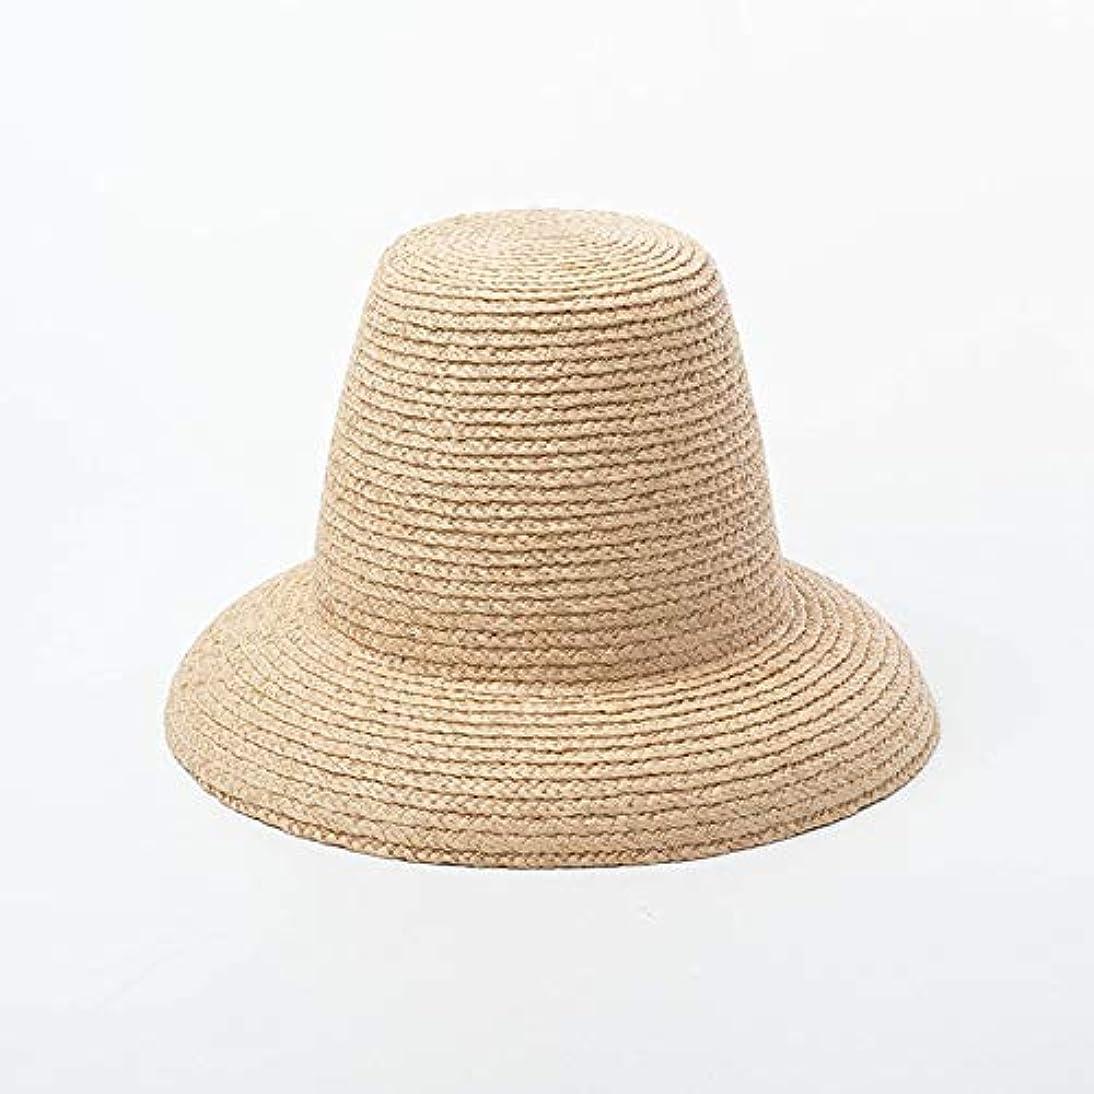 仮説ヒロイック自動的にレトロハイトップラフィット帽子ファッションステージキャットウォーク写真凹型ラフィット帽子